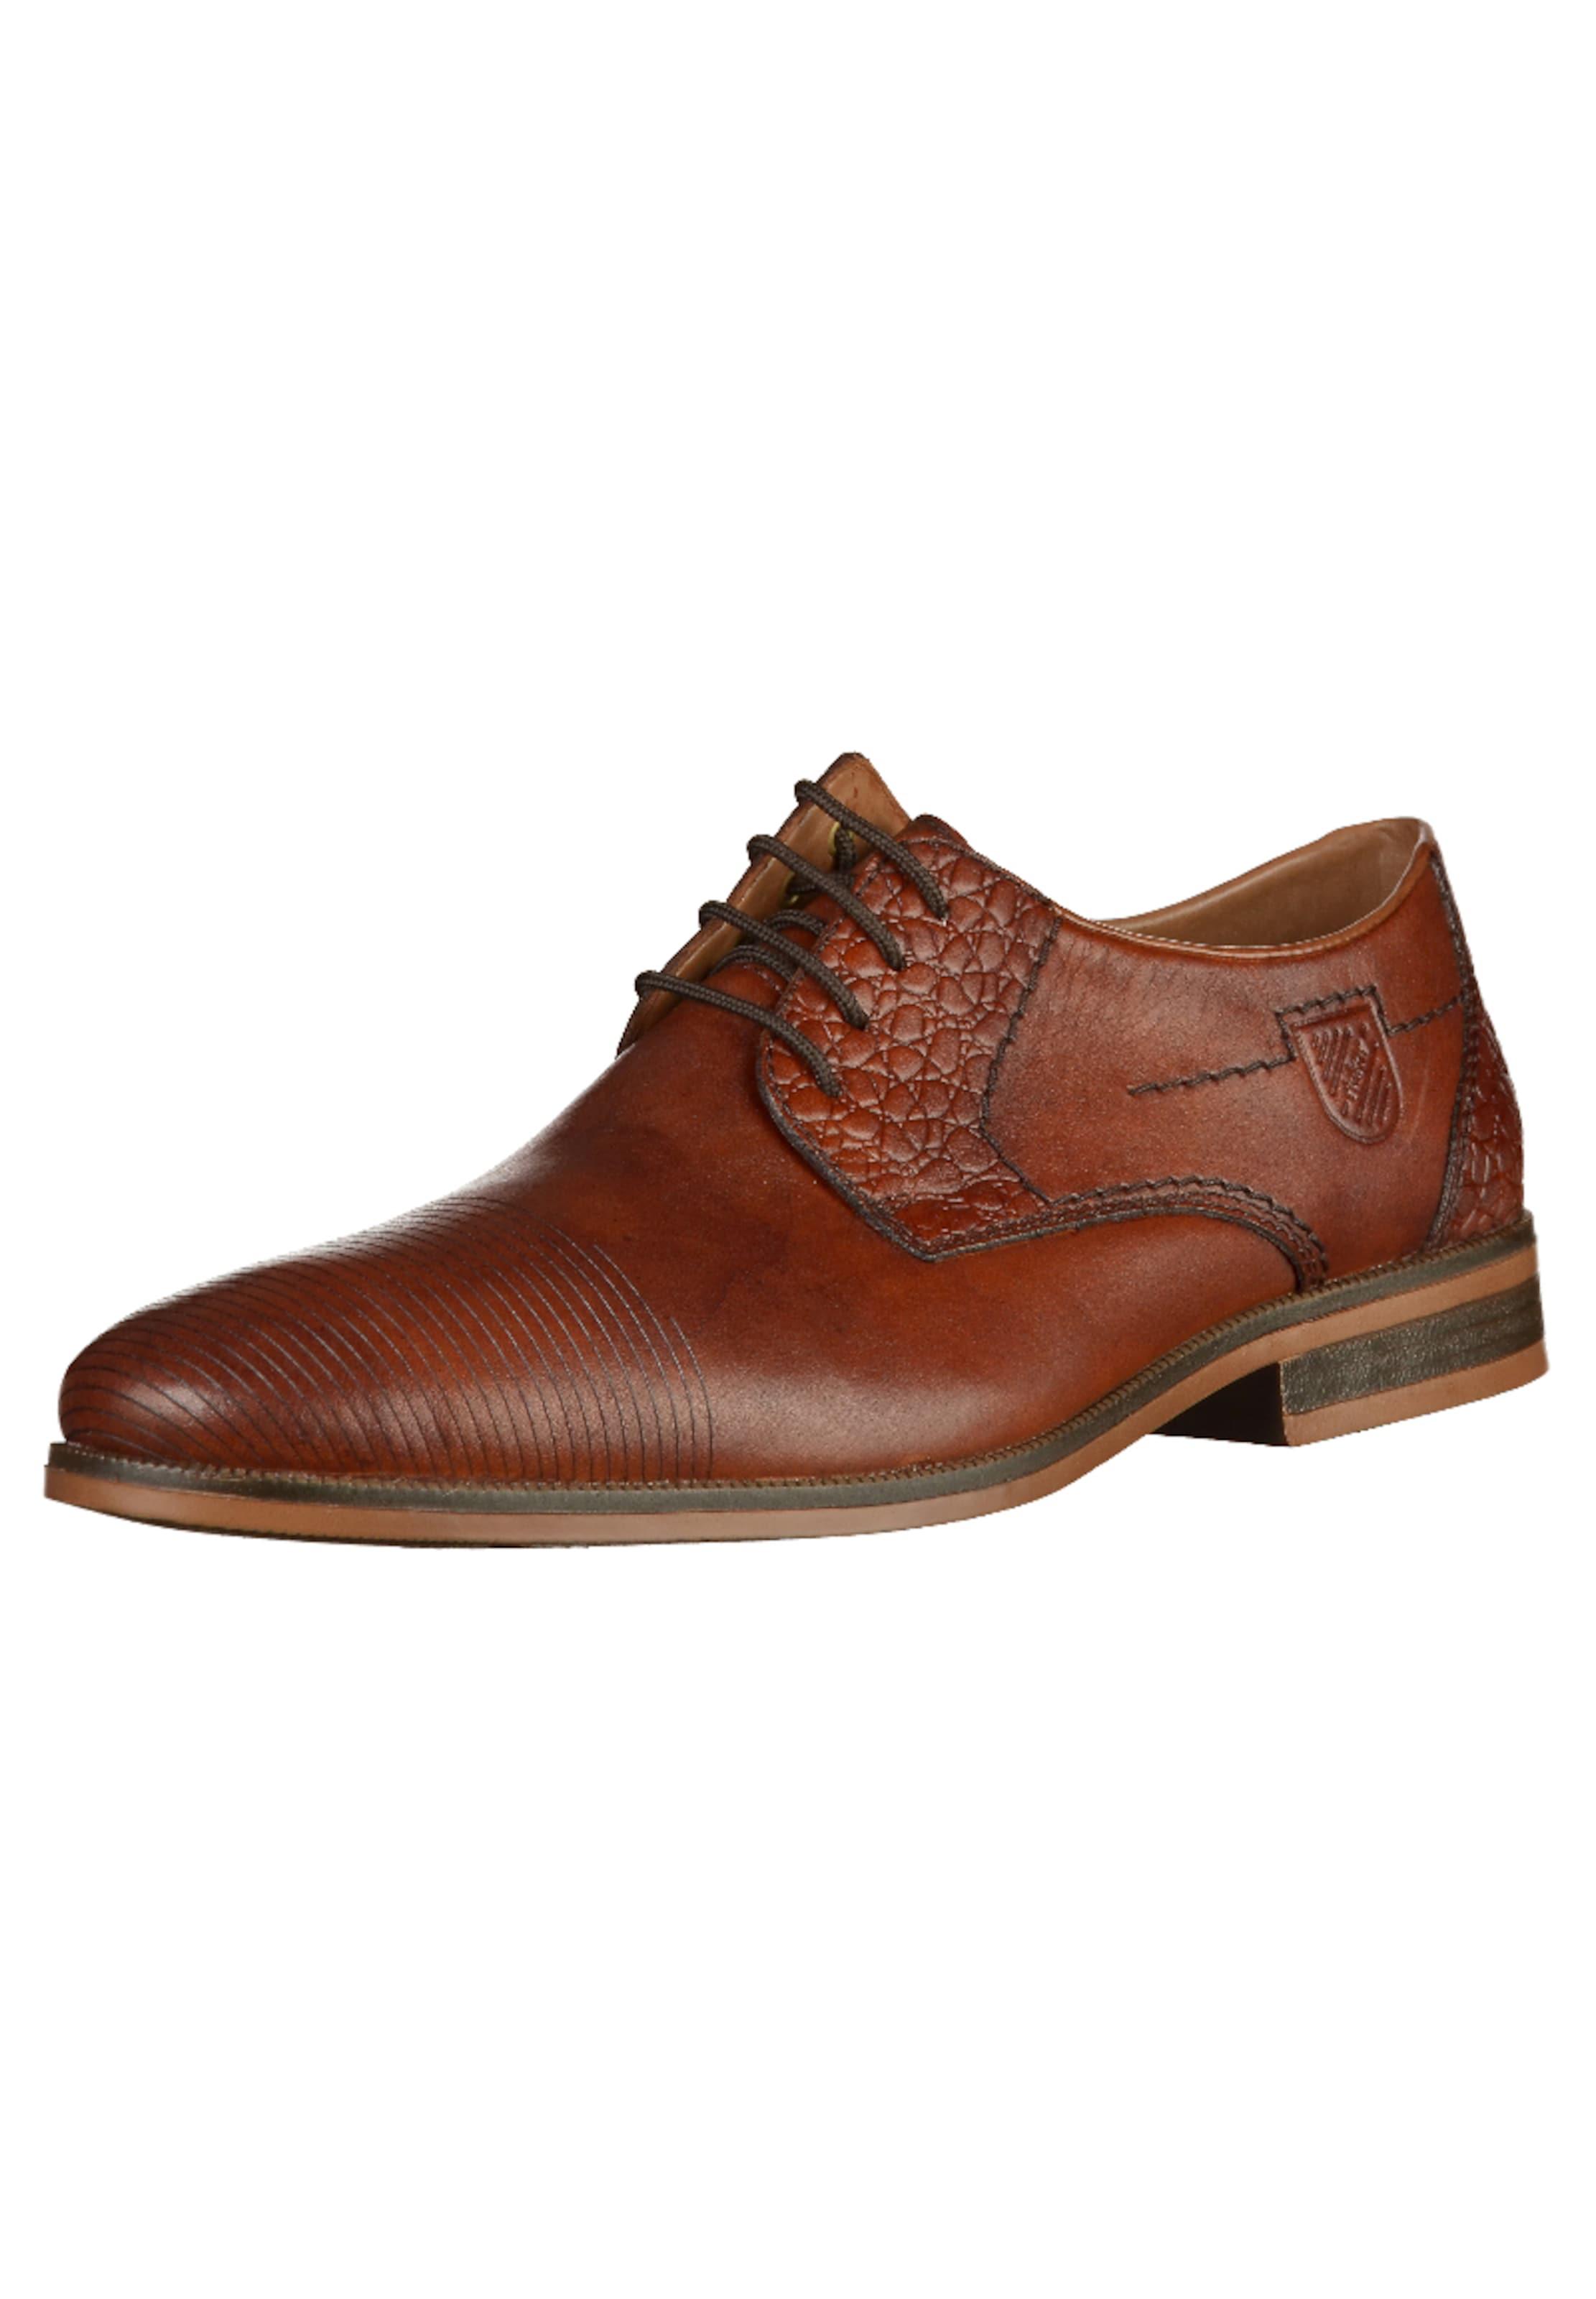 RIEKER Businessschuhe Verschleißfeste billige Schuhe Hohe Qualität